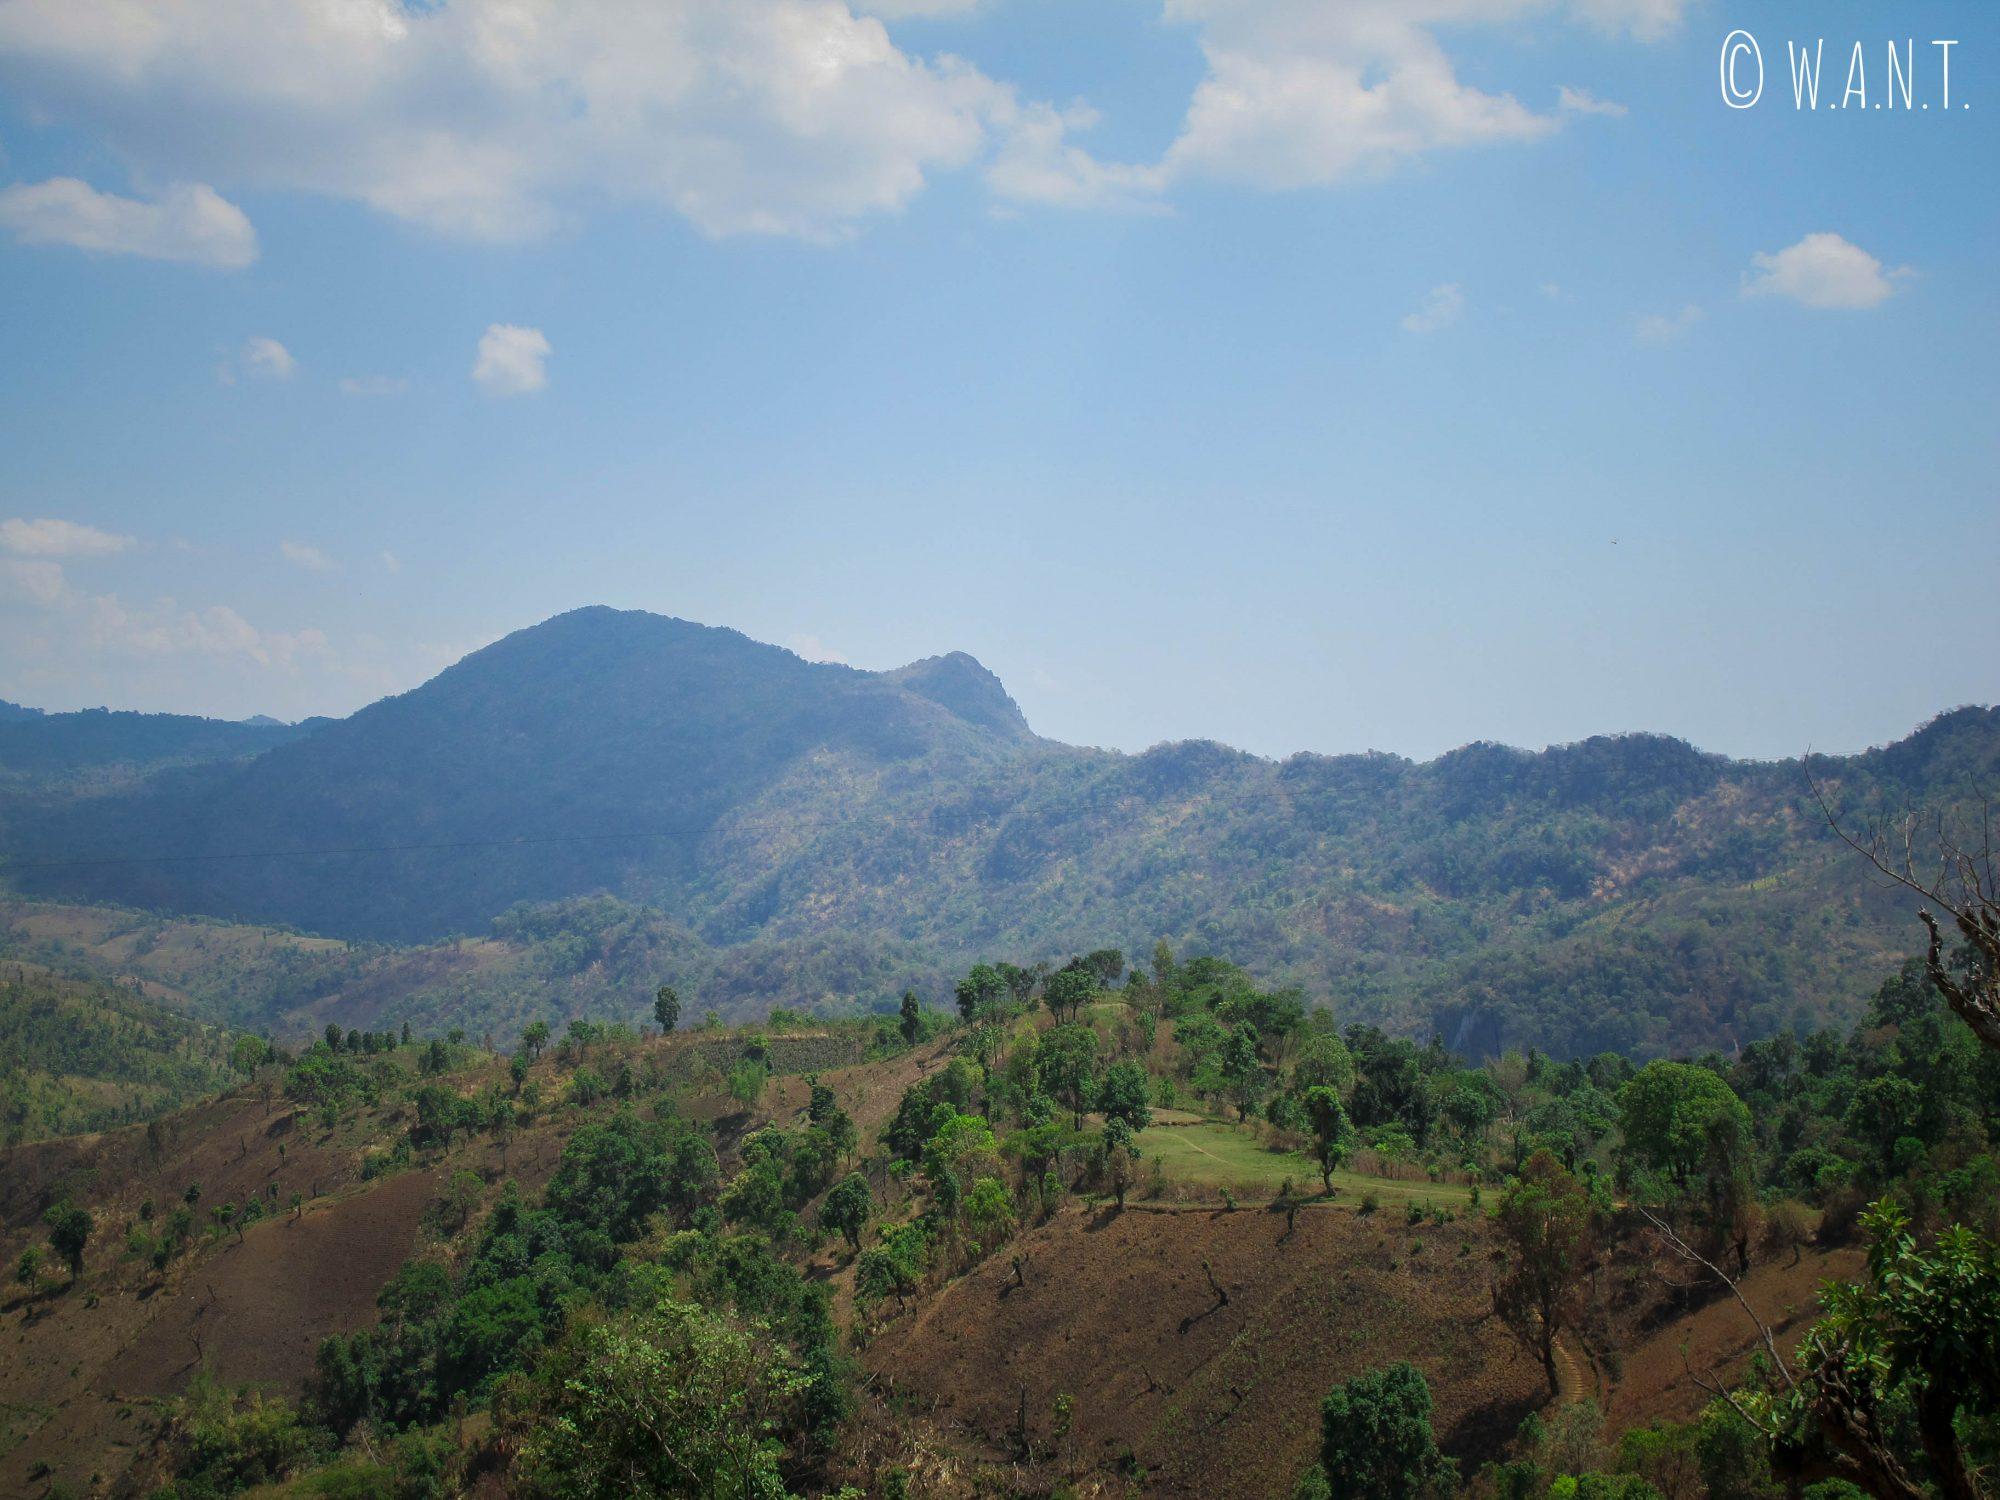 Vue sur la colline de l'éléphant